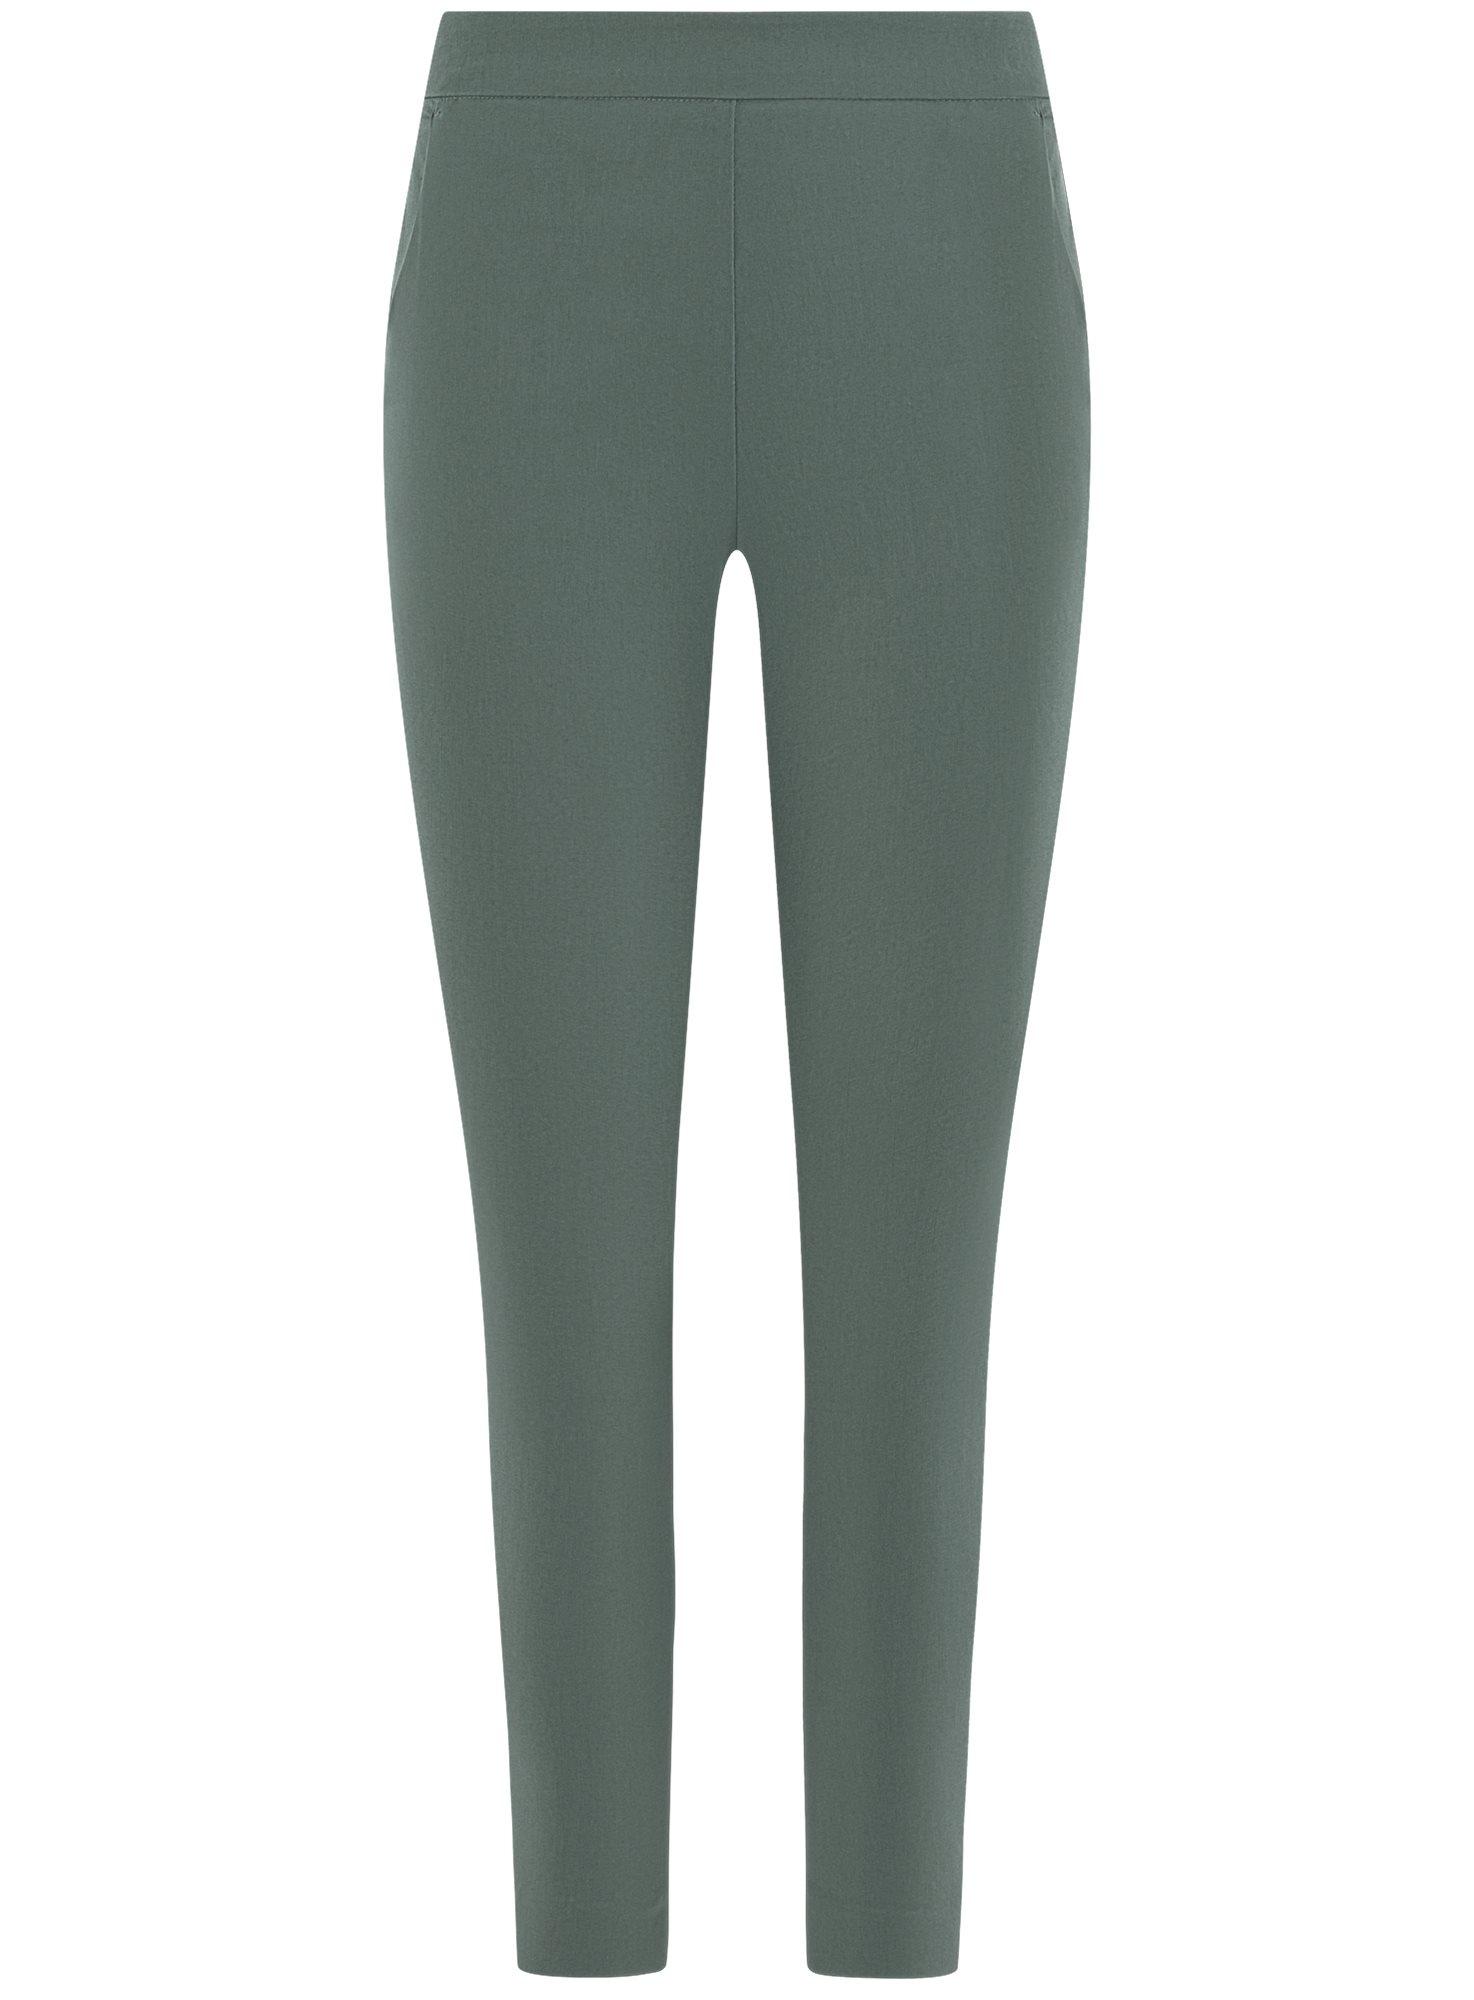 Брюки облегающие с молнией сбоку oodji для женщины (зеленый), 11707120/14007/6900N